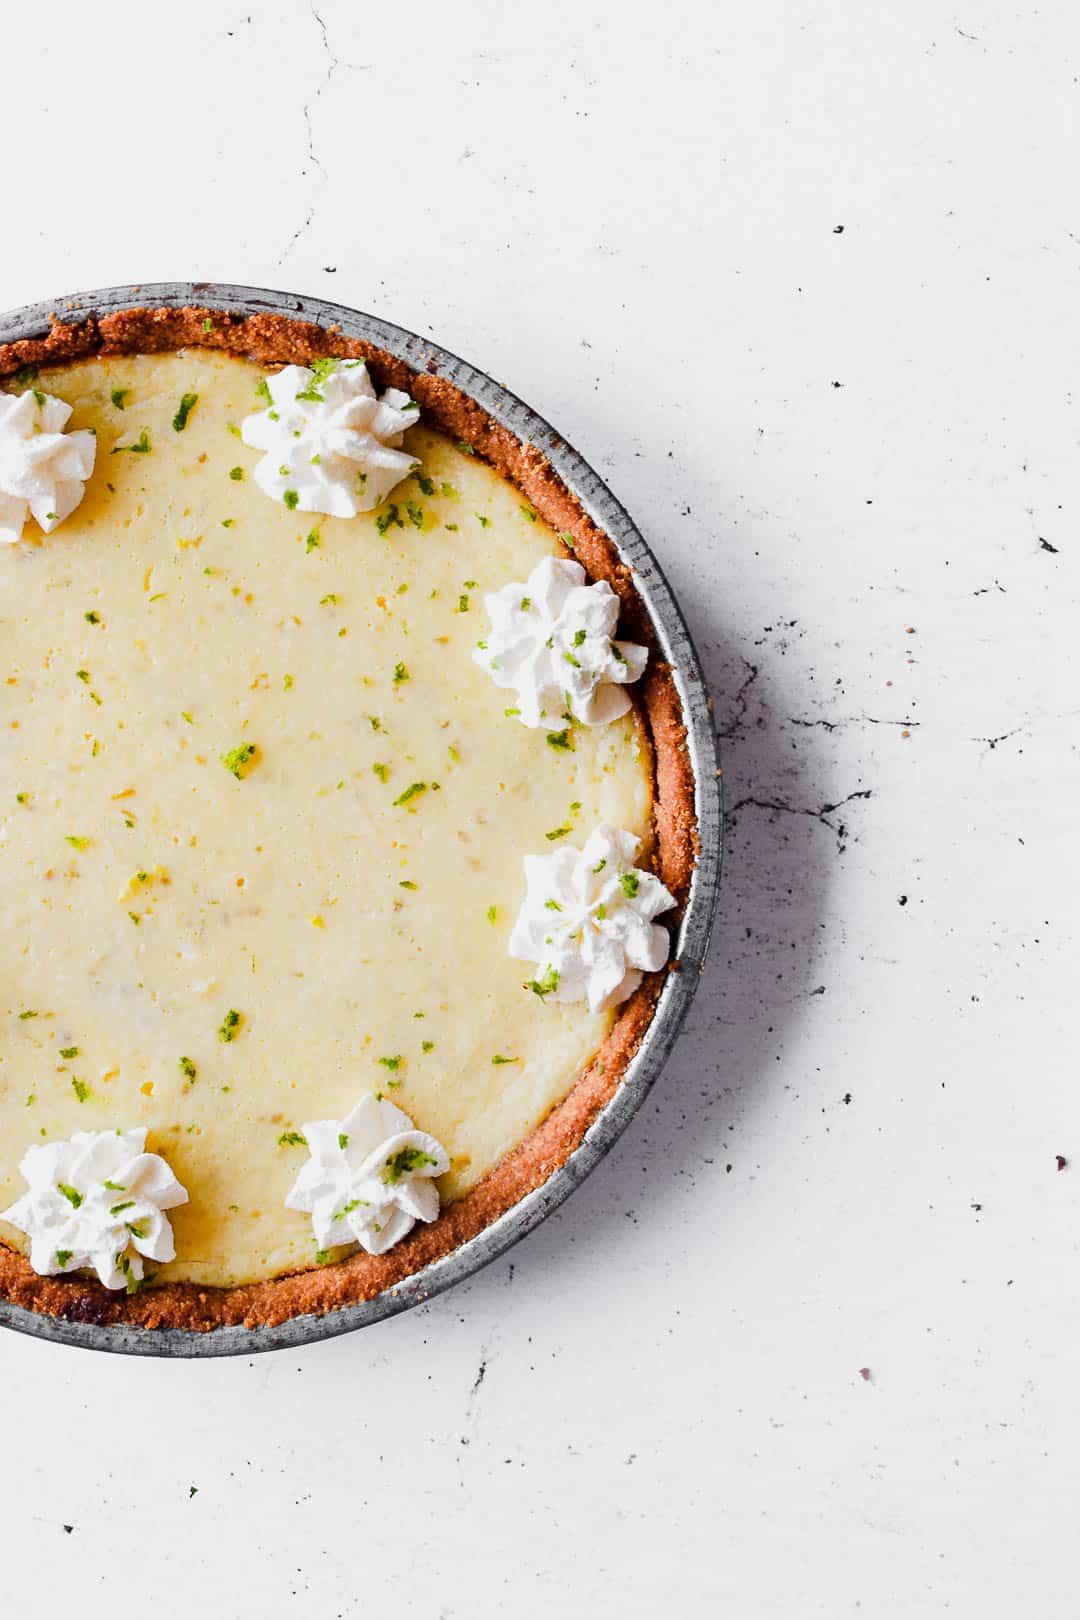 Key Lime Pie - opskrift på kage med lime